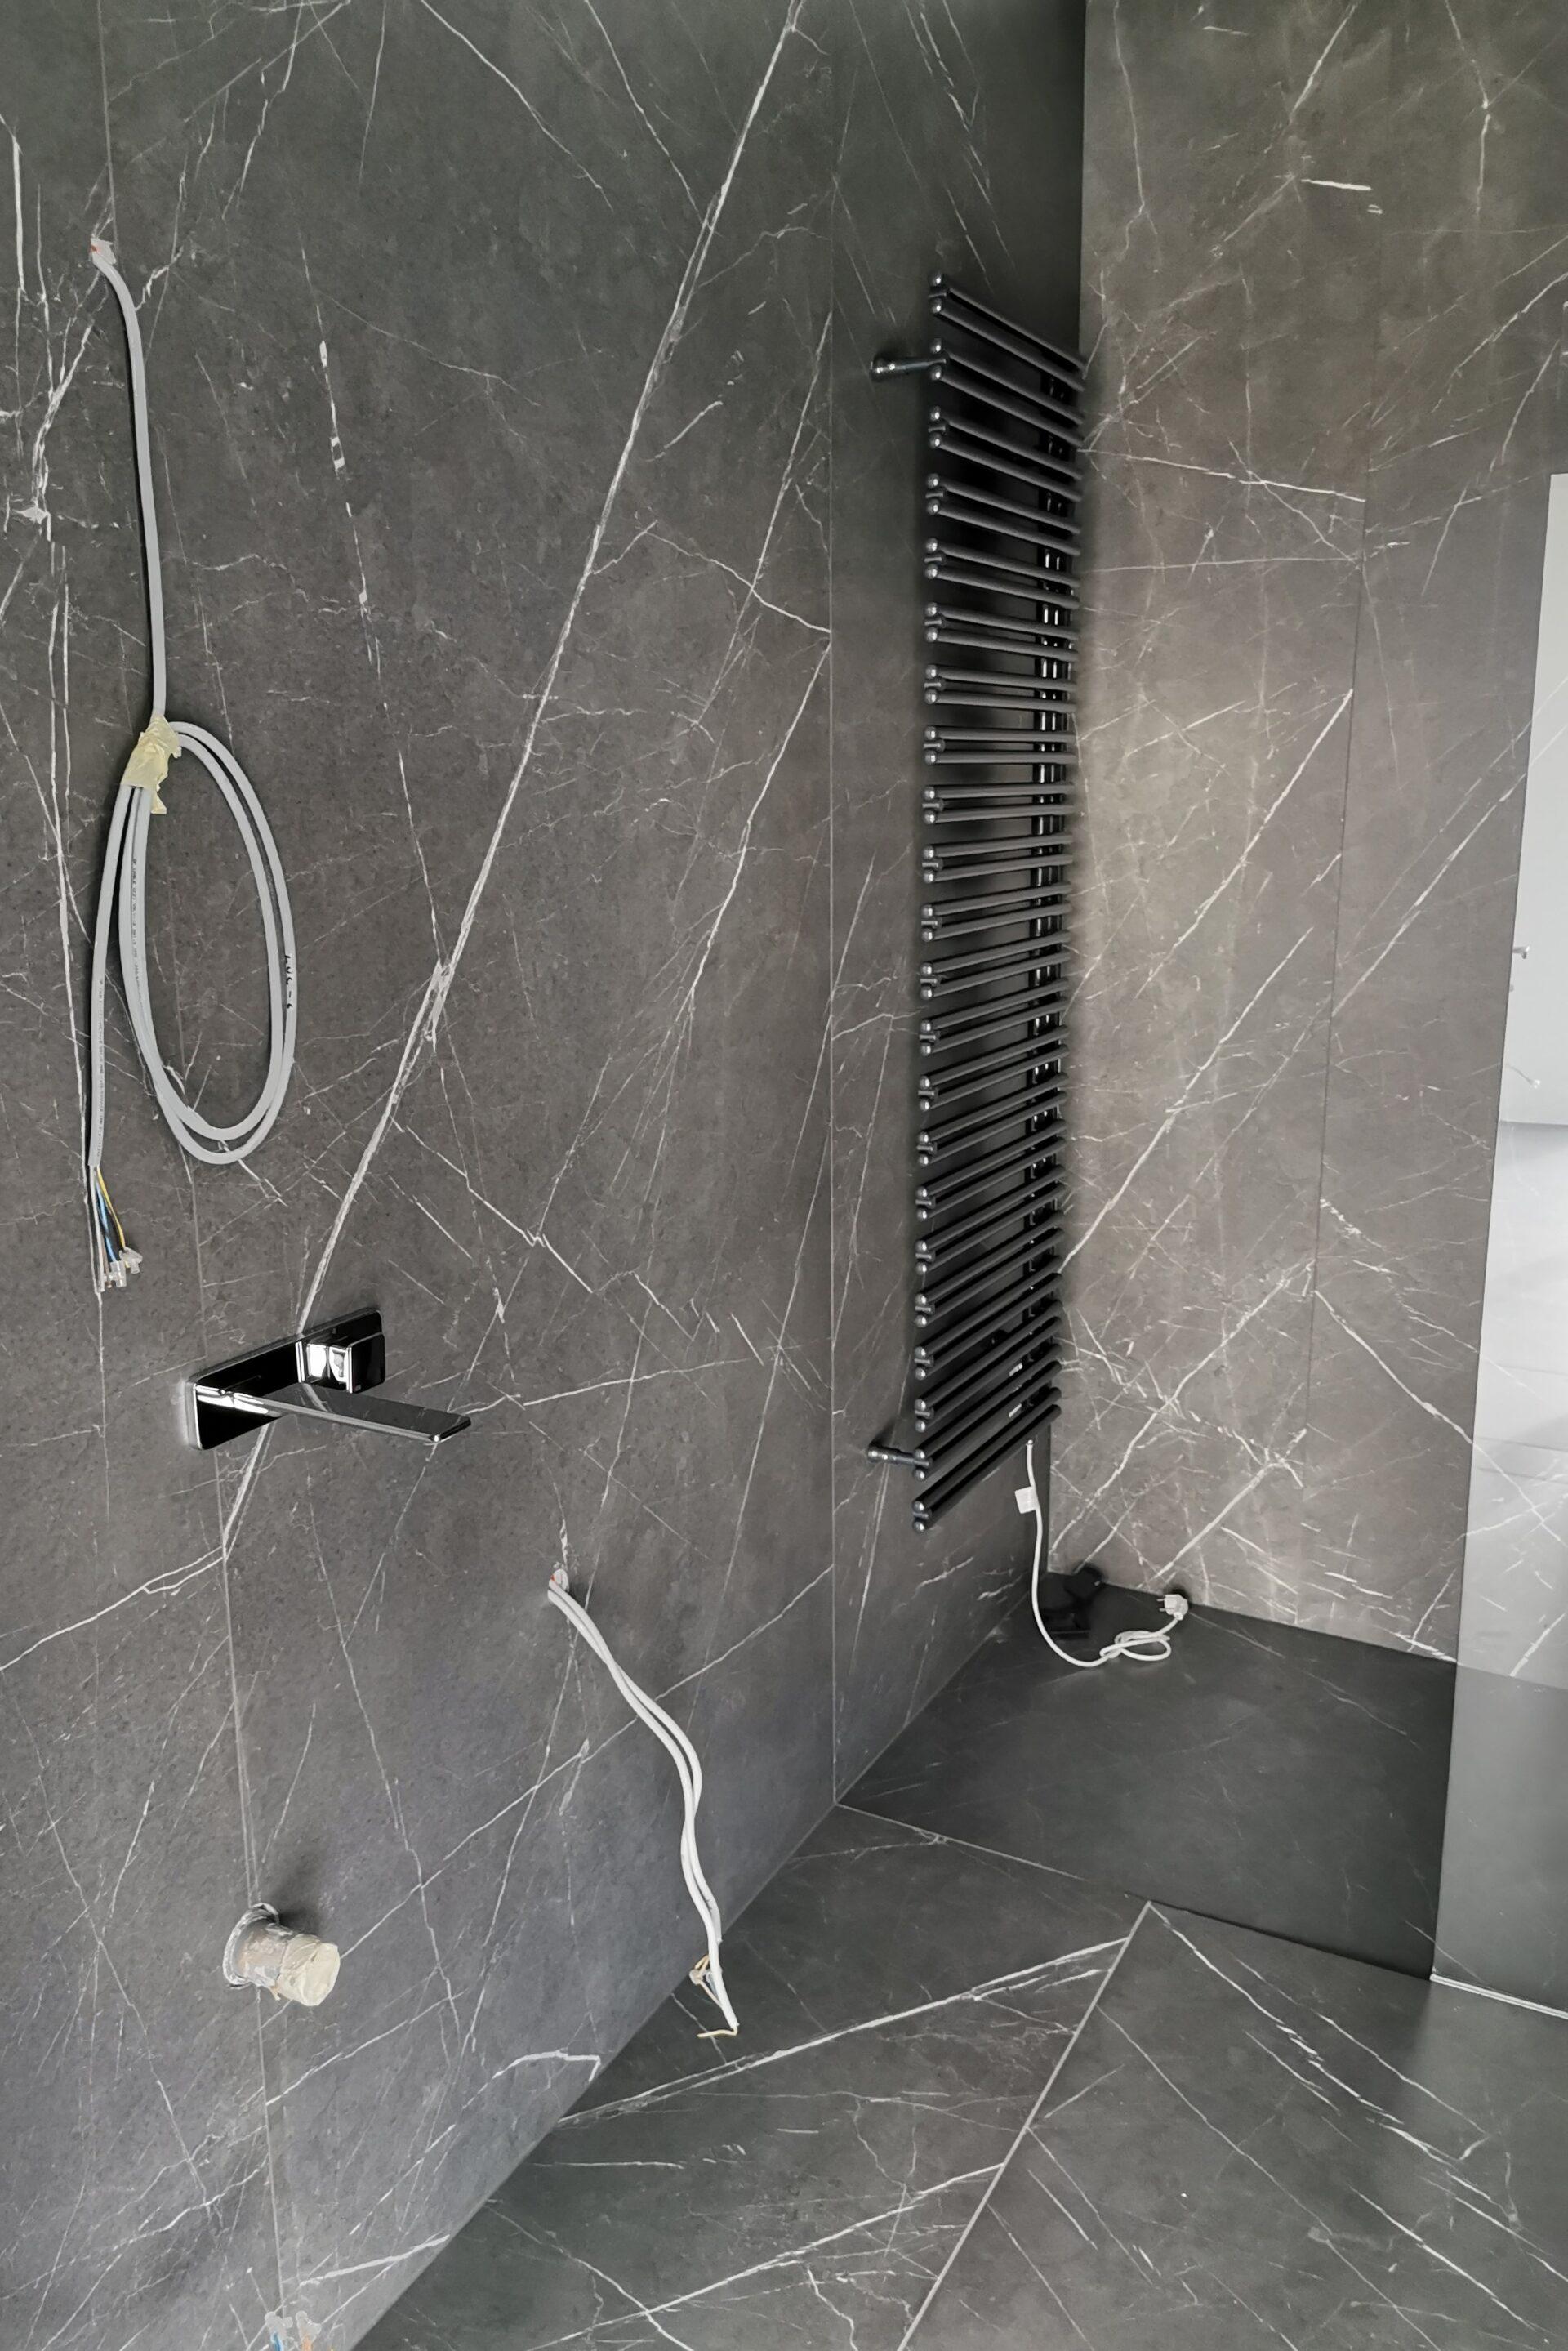 Polaganje keramike v kopalnici na stene in tla 12